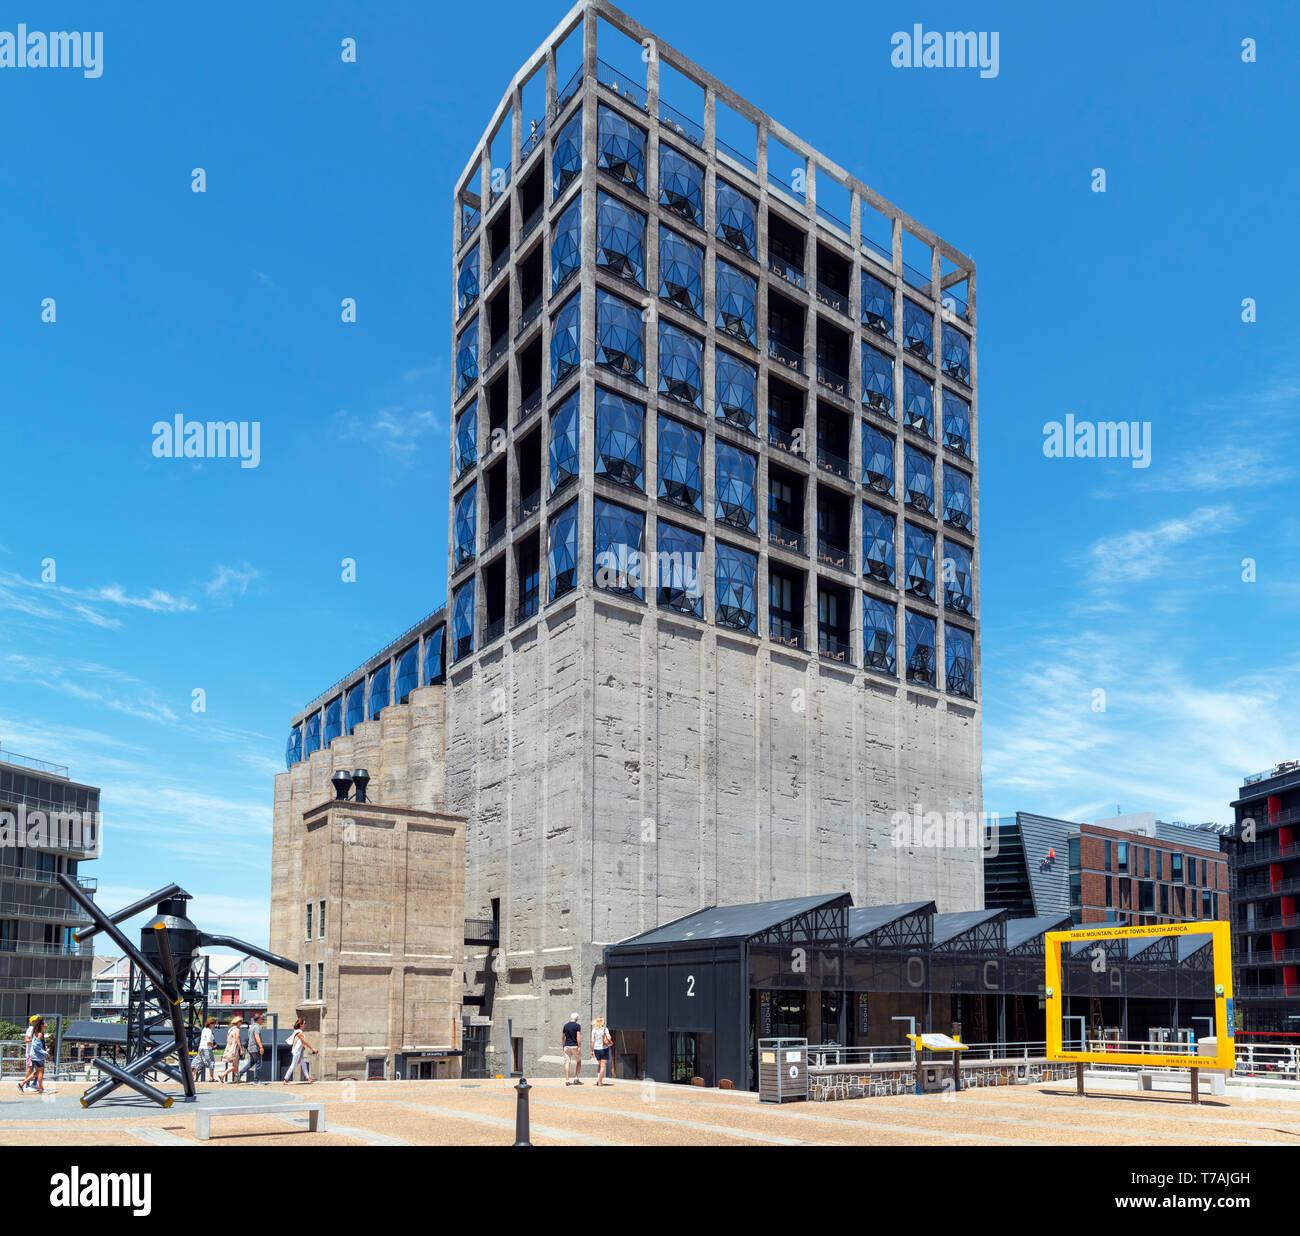 Musée d'Art Contemporain de Zeitz Afrique (Zeitz MOCAA), V&A Waterfront, Cape Town, Western Cape, Afrique du Sud Photo Stock